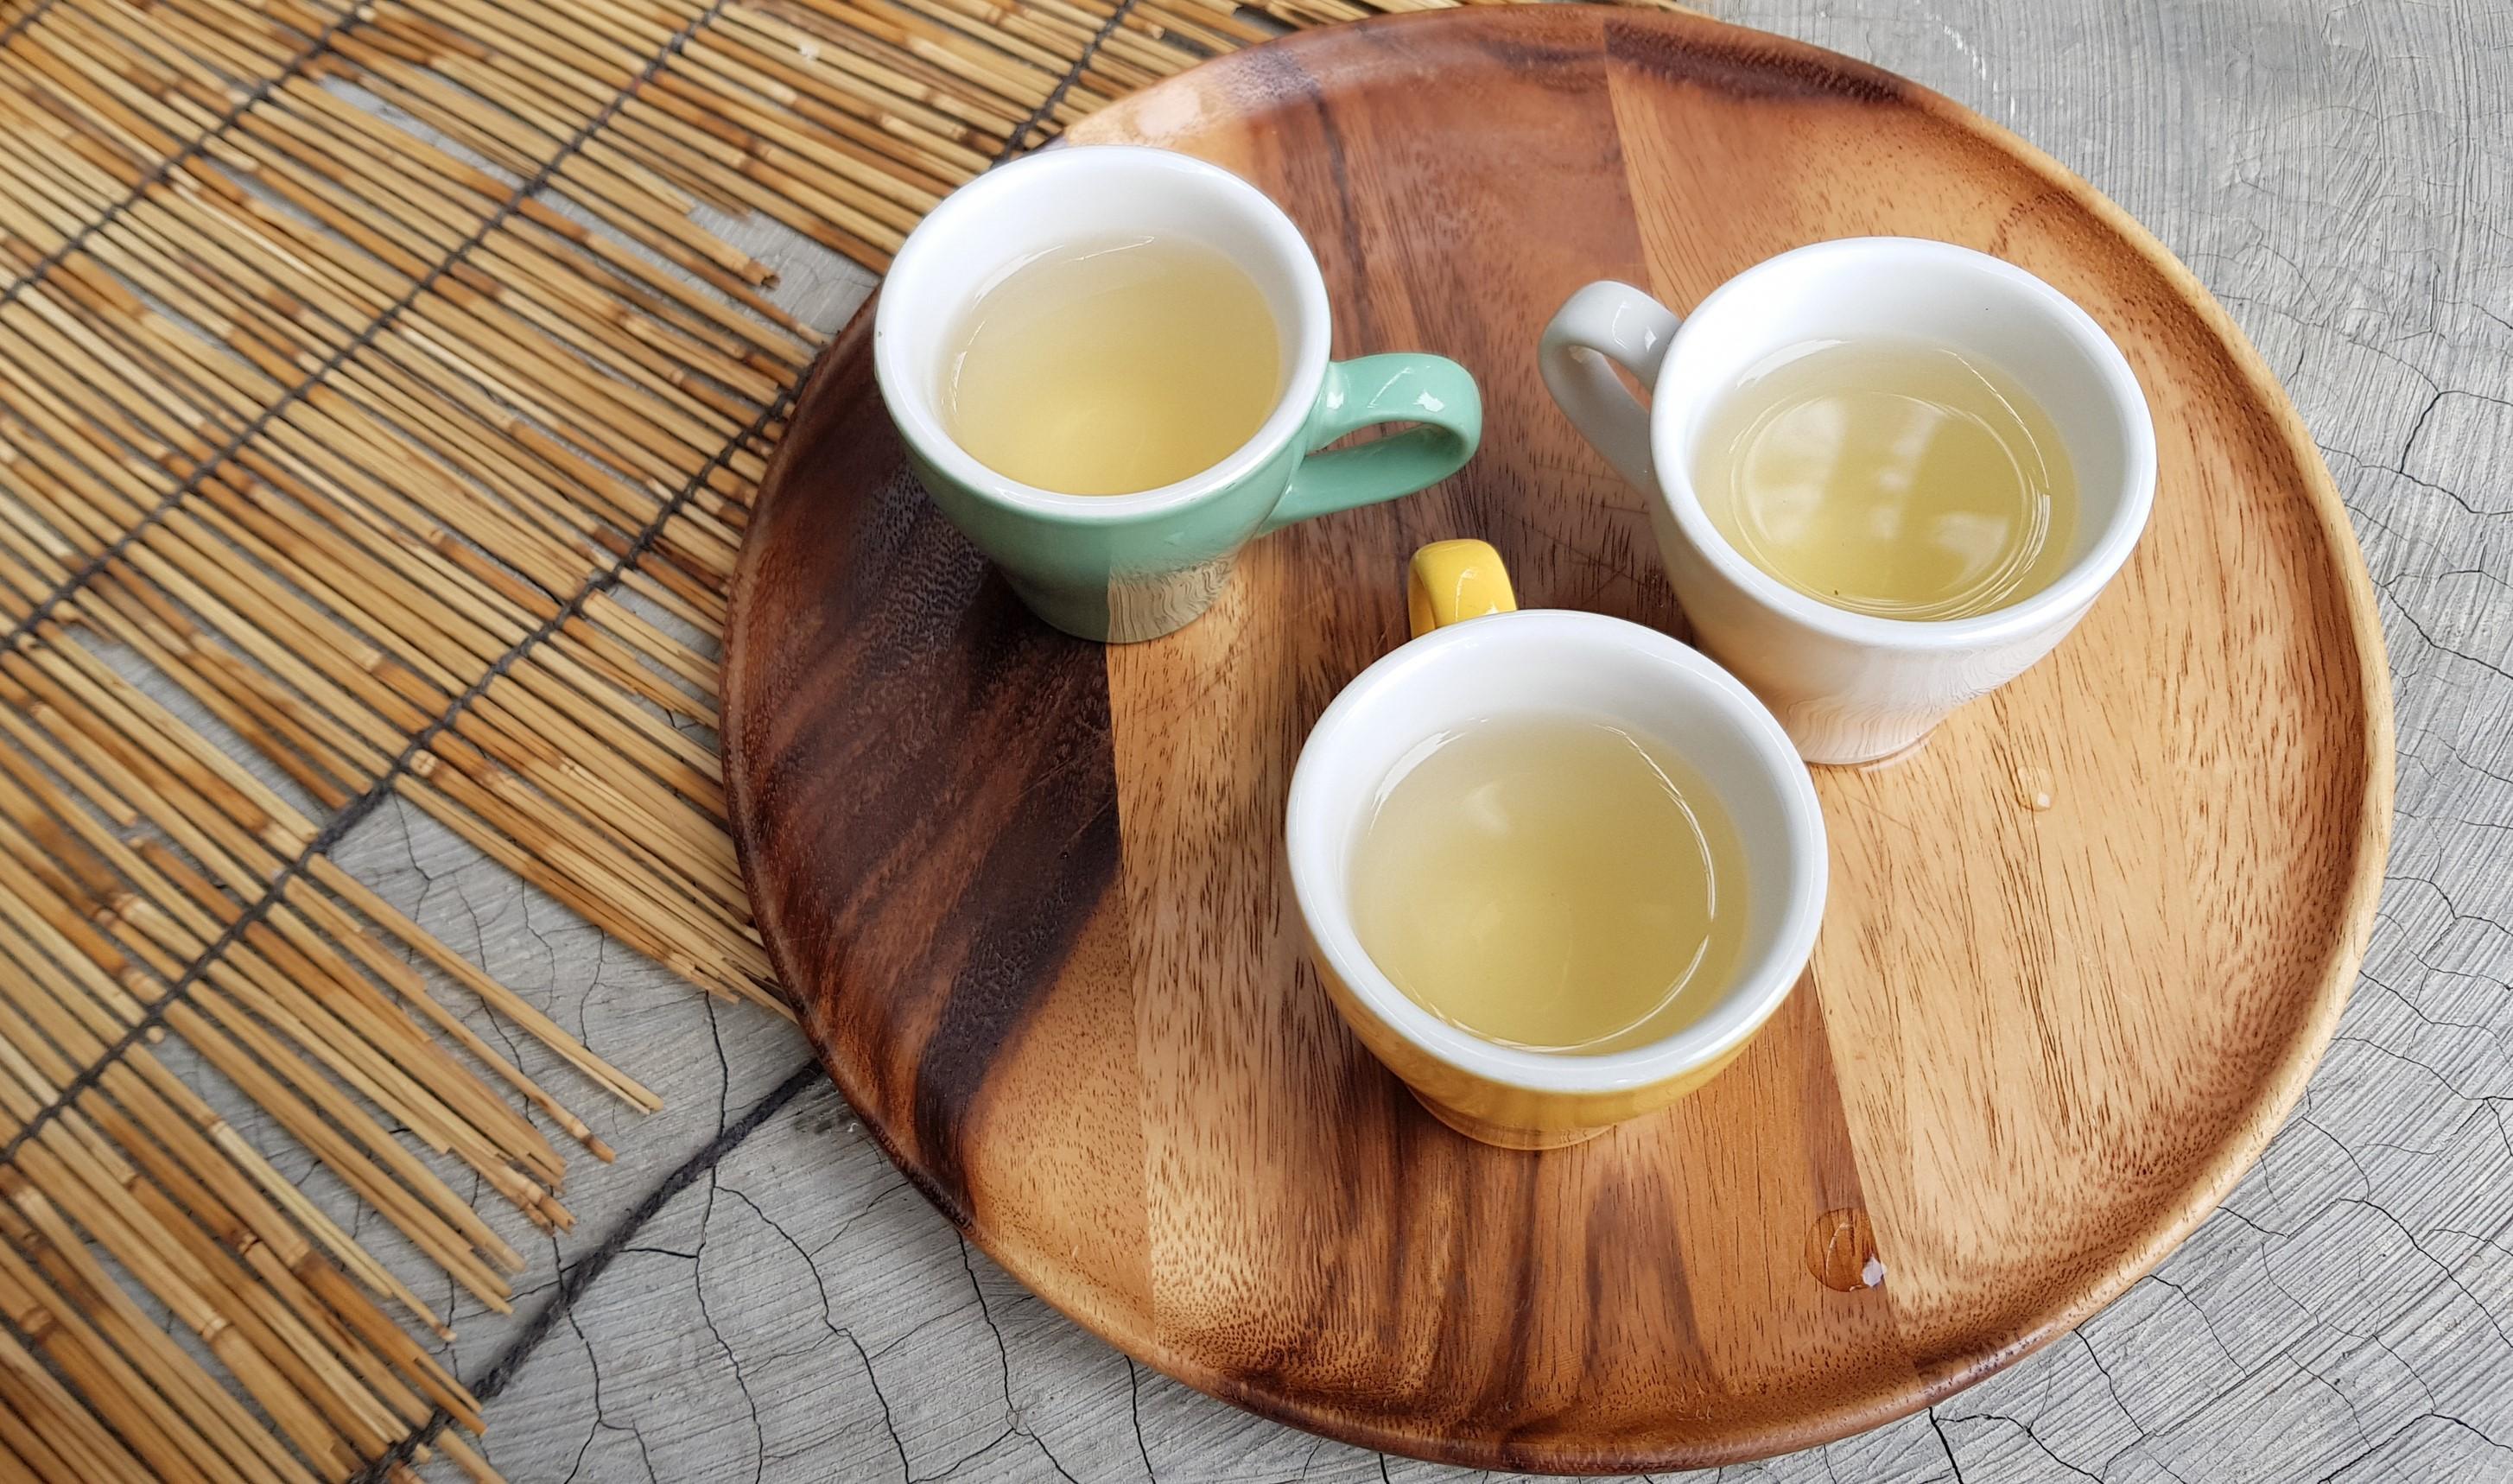 wellness-teas-2-.jpg